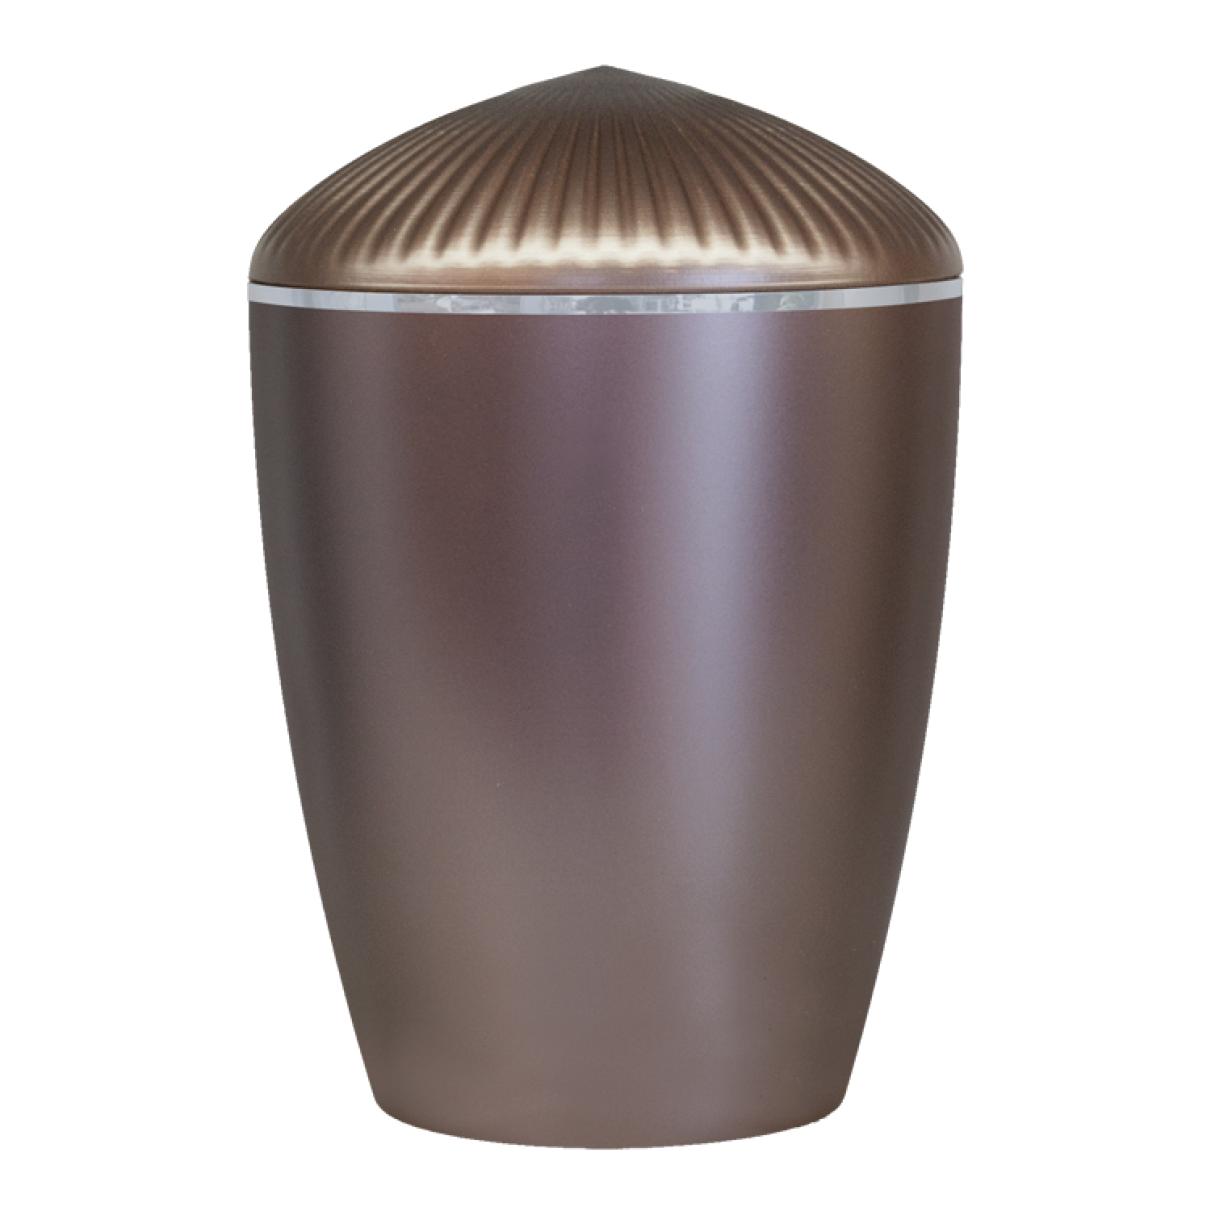 Ferndown Silver Band Cremation Urn – Dark Rose